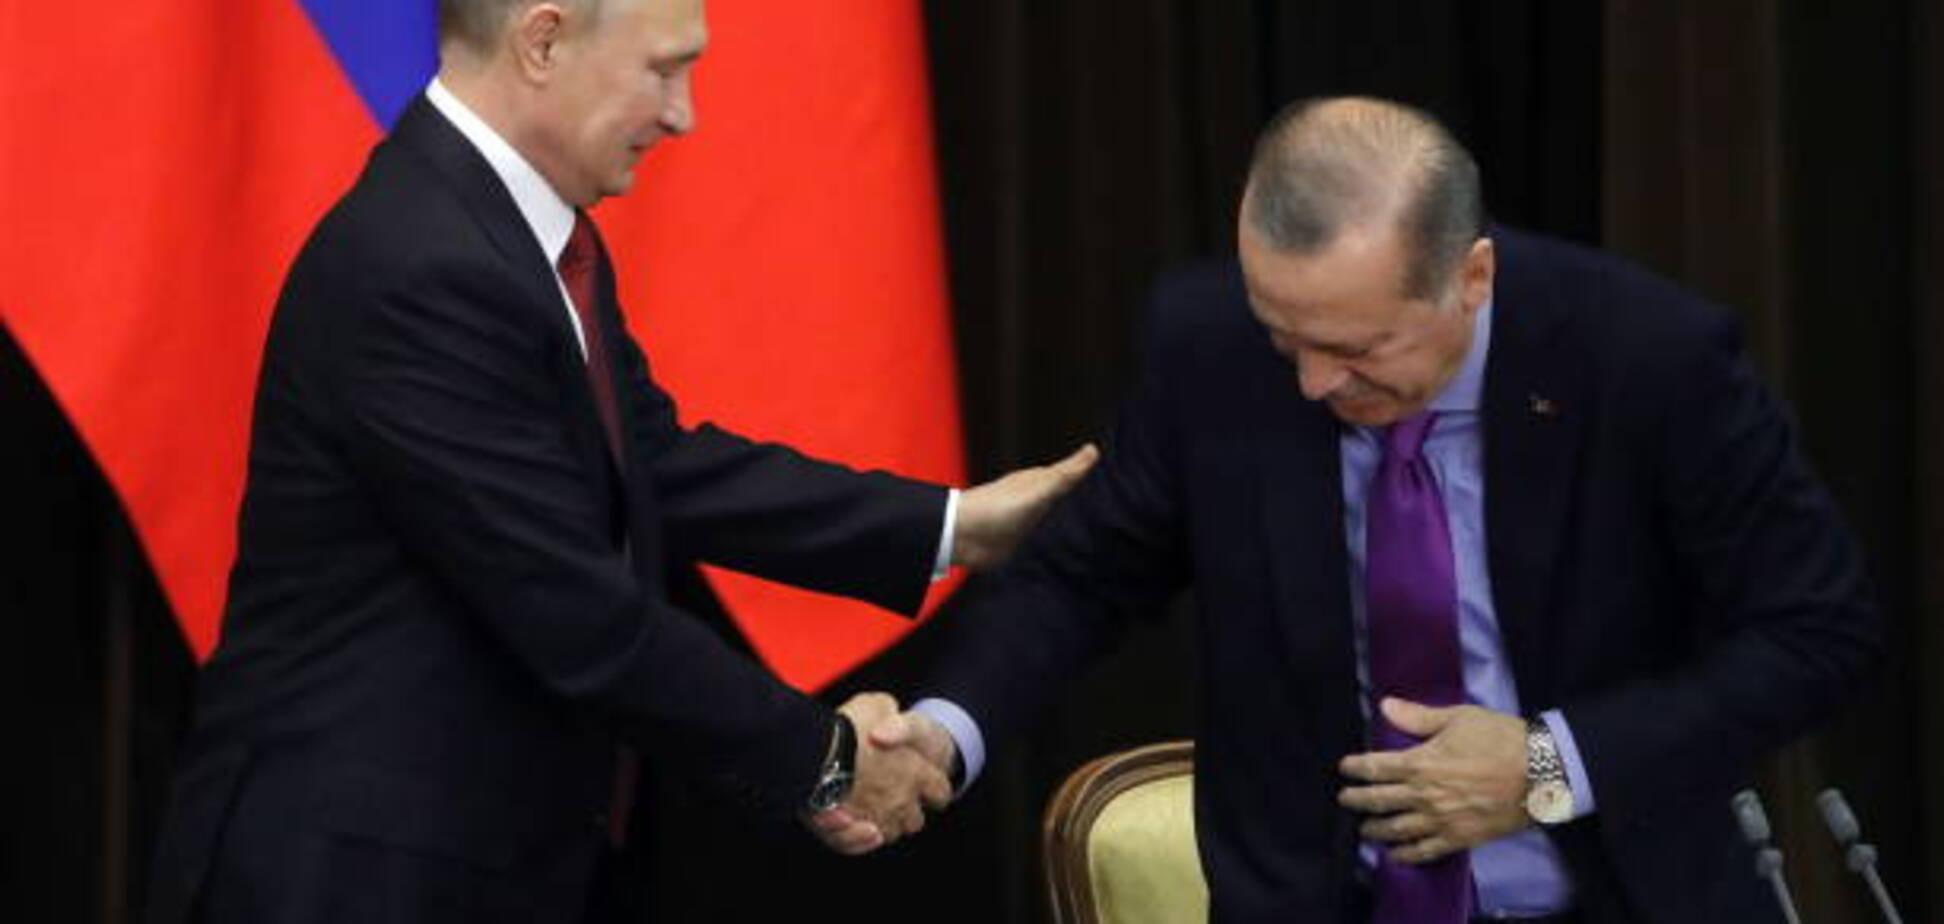 З гуркотом: Путін осоромився зі стільцем на зустрічі з Ердоганом